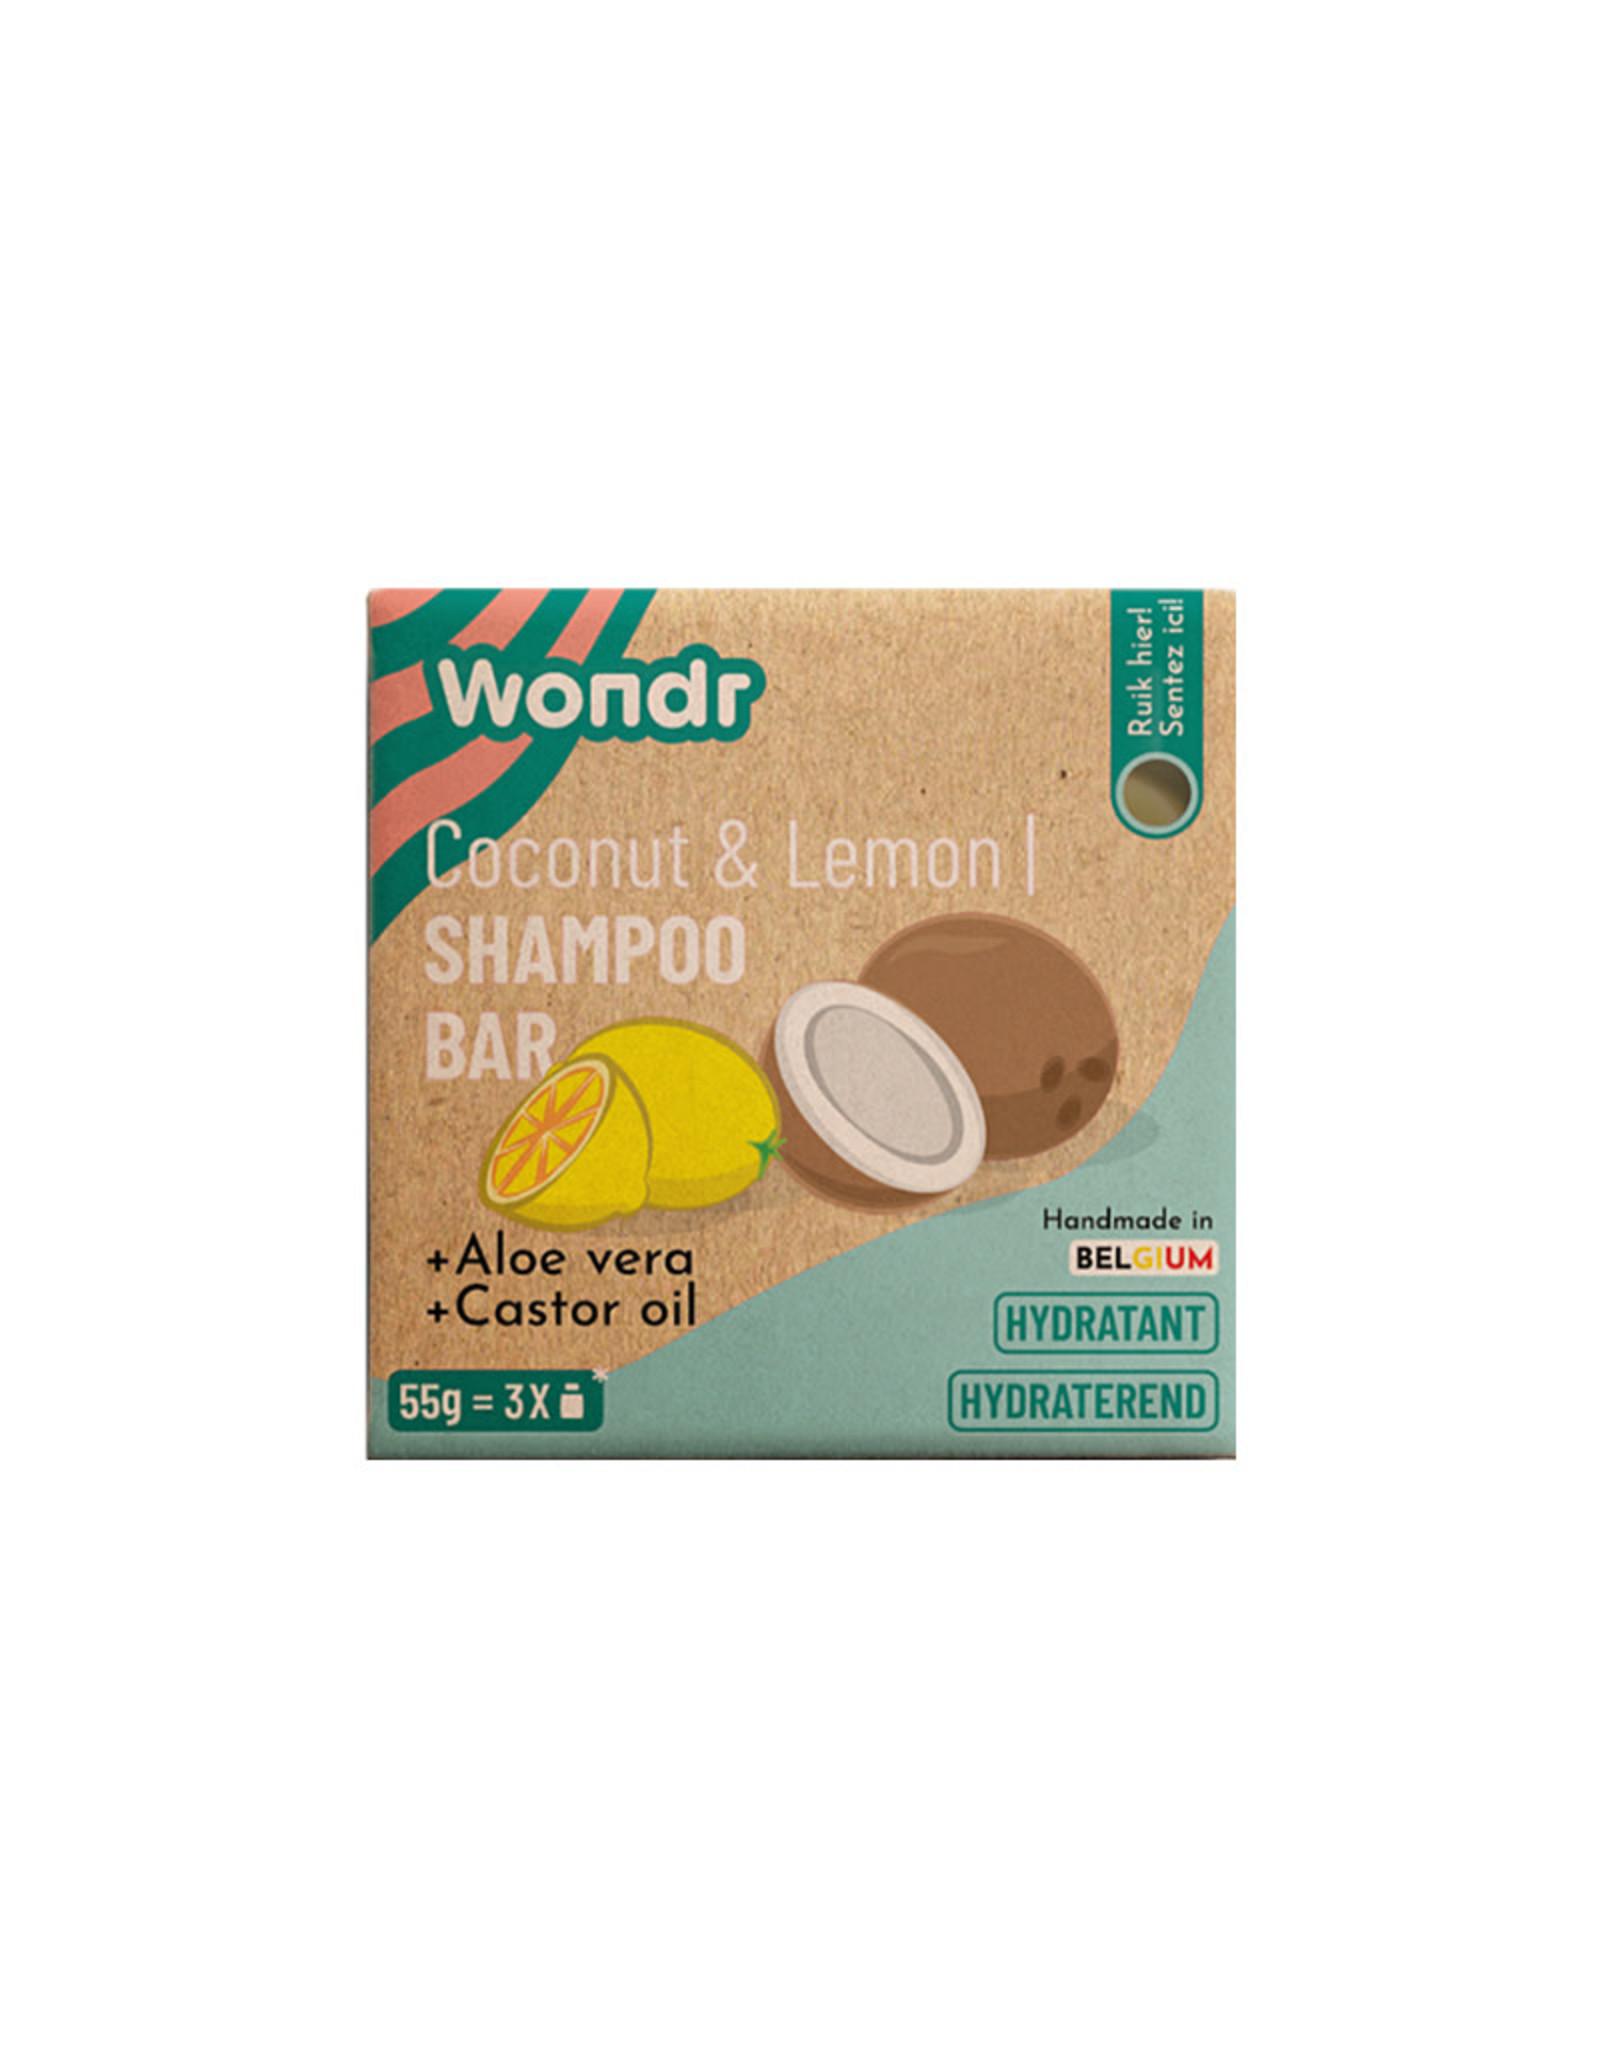 WONDR WONDR Shampoo Bar Coconut & Lemon